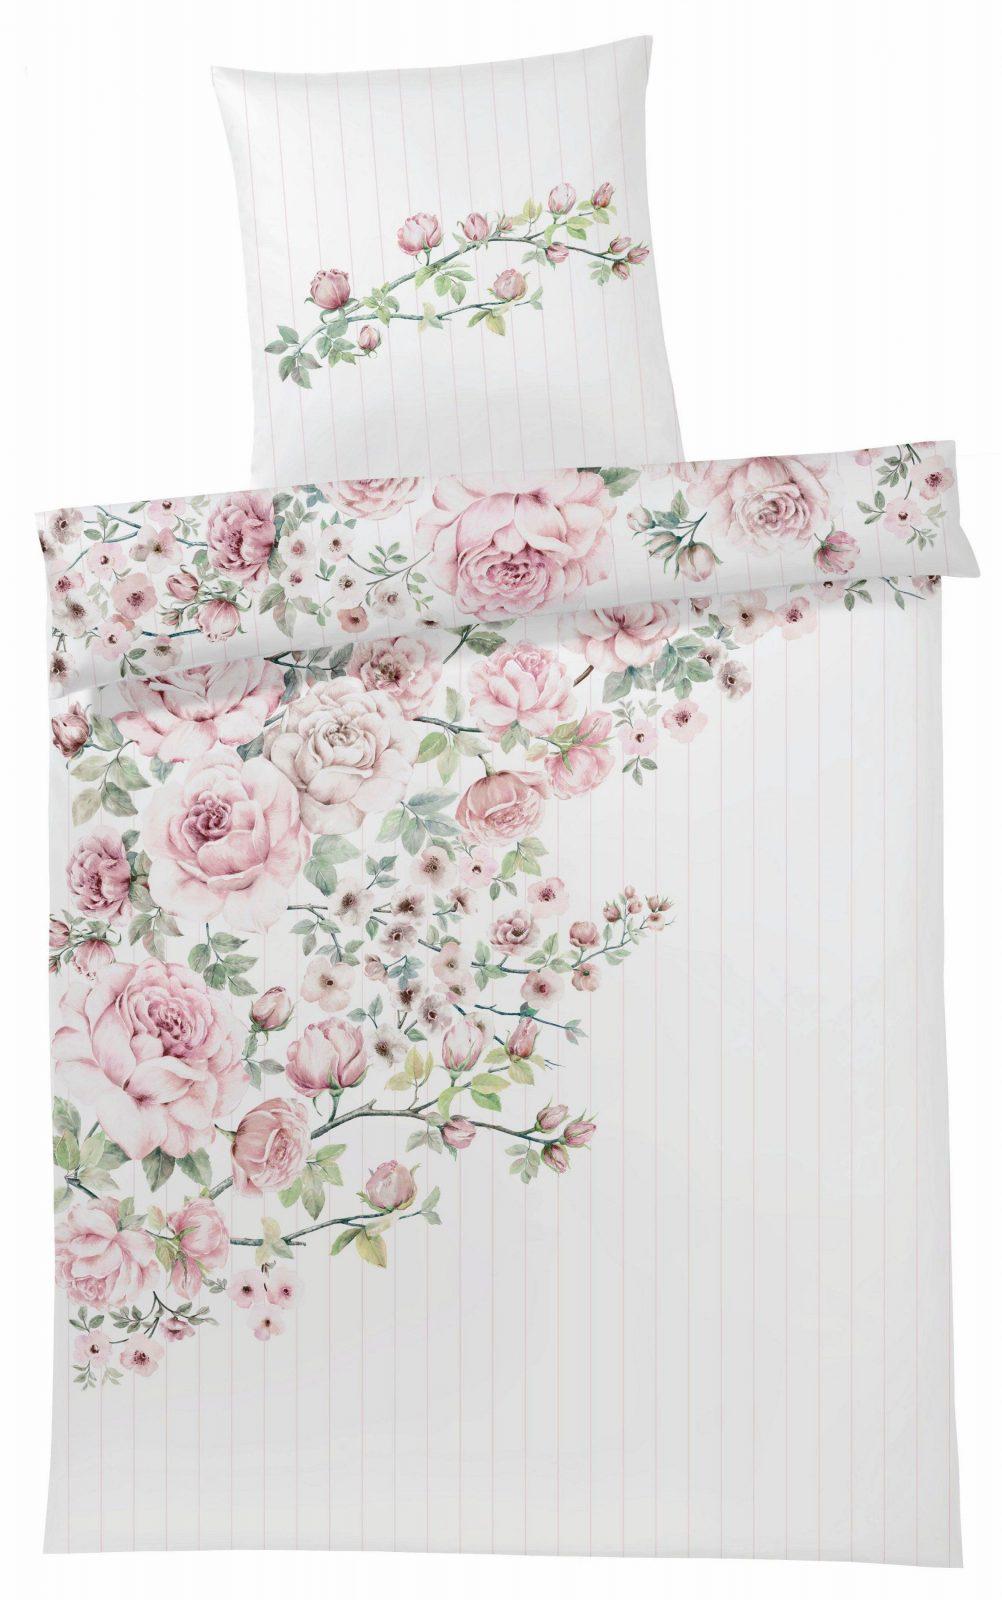 Bettwäsche Elegante Princess Rose Mit Rosen Auf Raten  Baur von Baur Bettwäsche 155X220 Bild